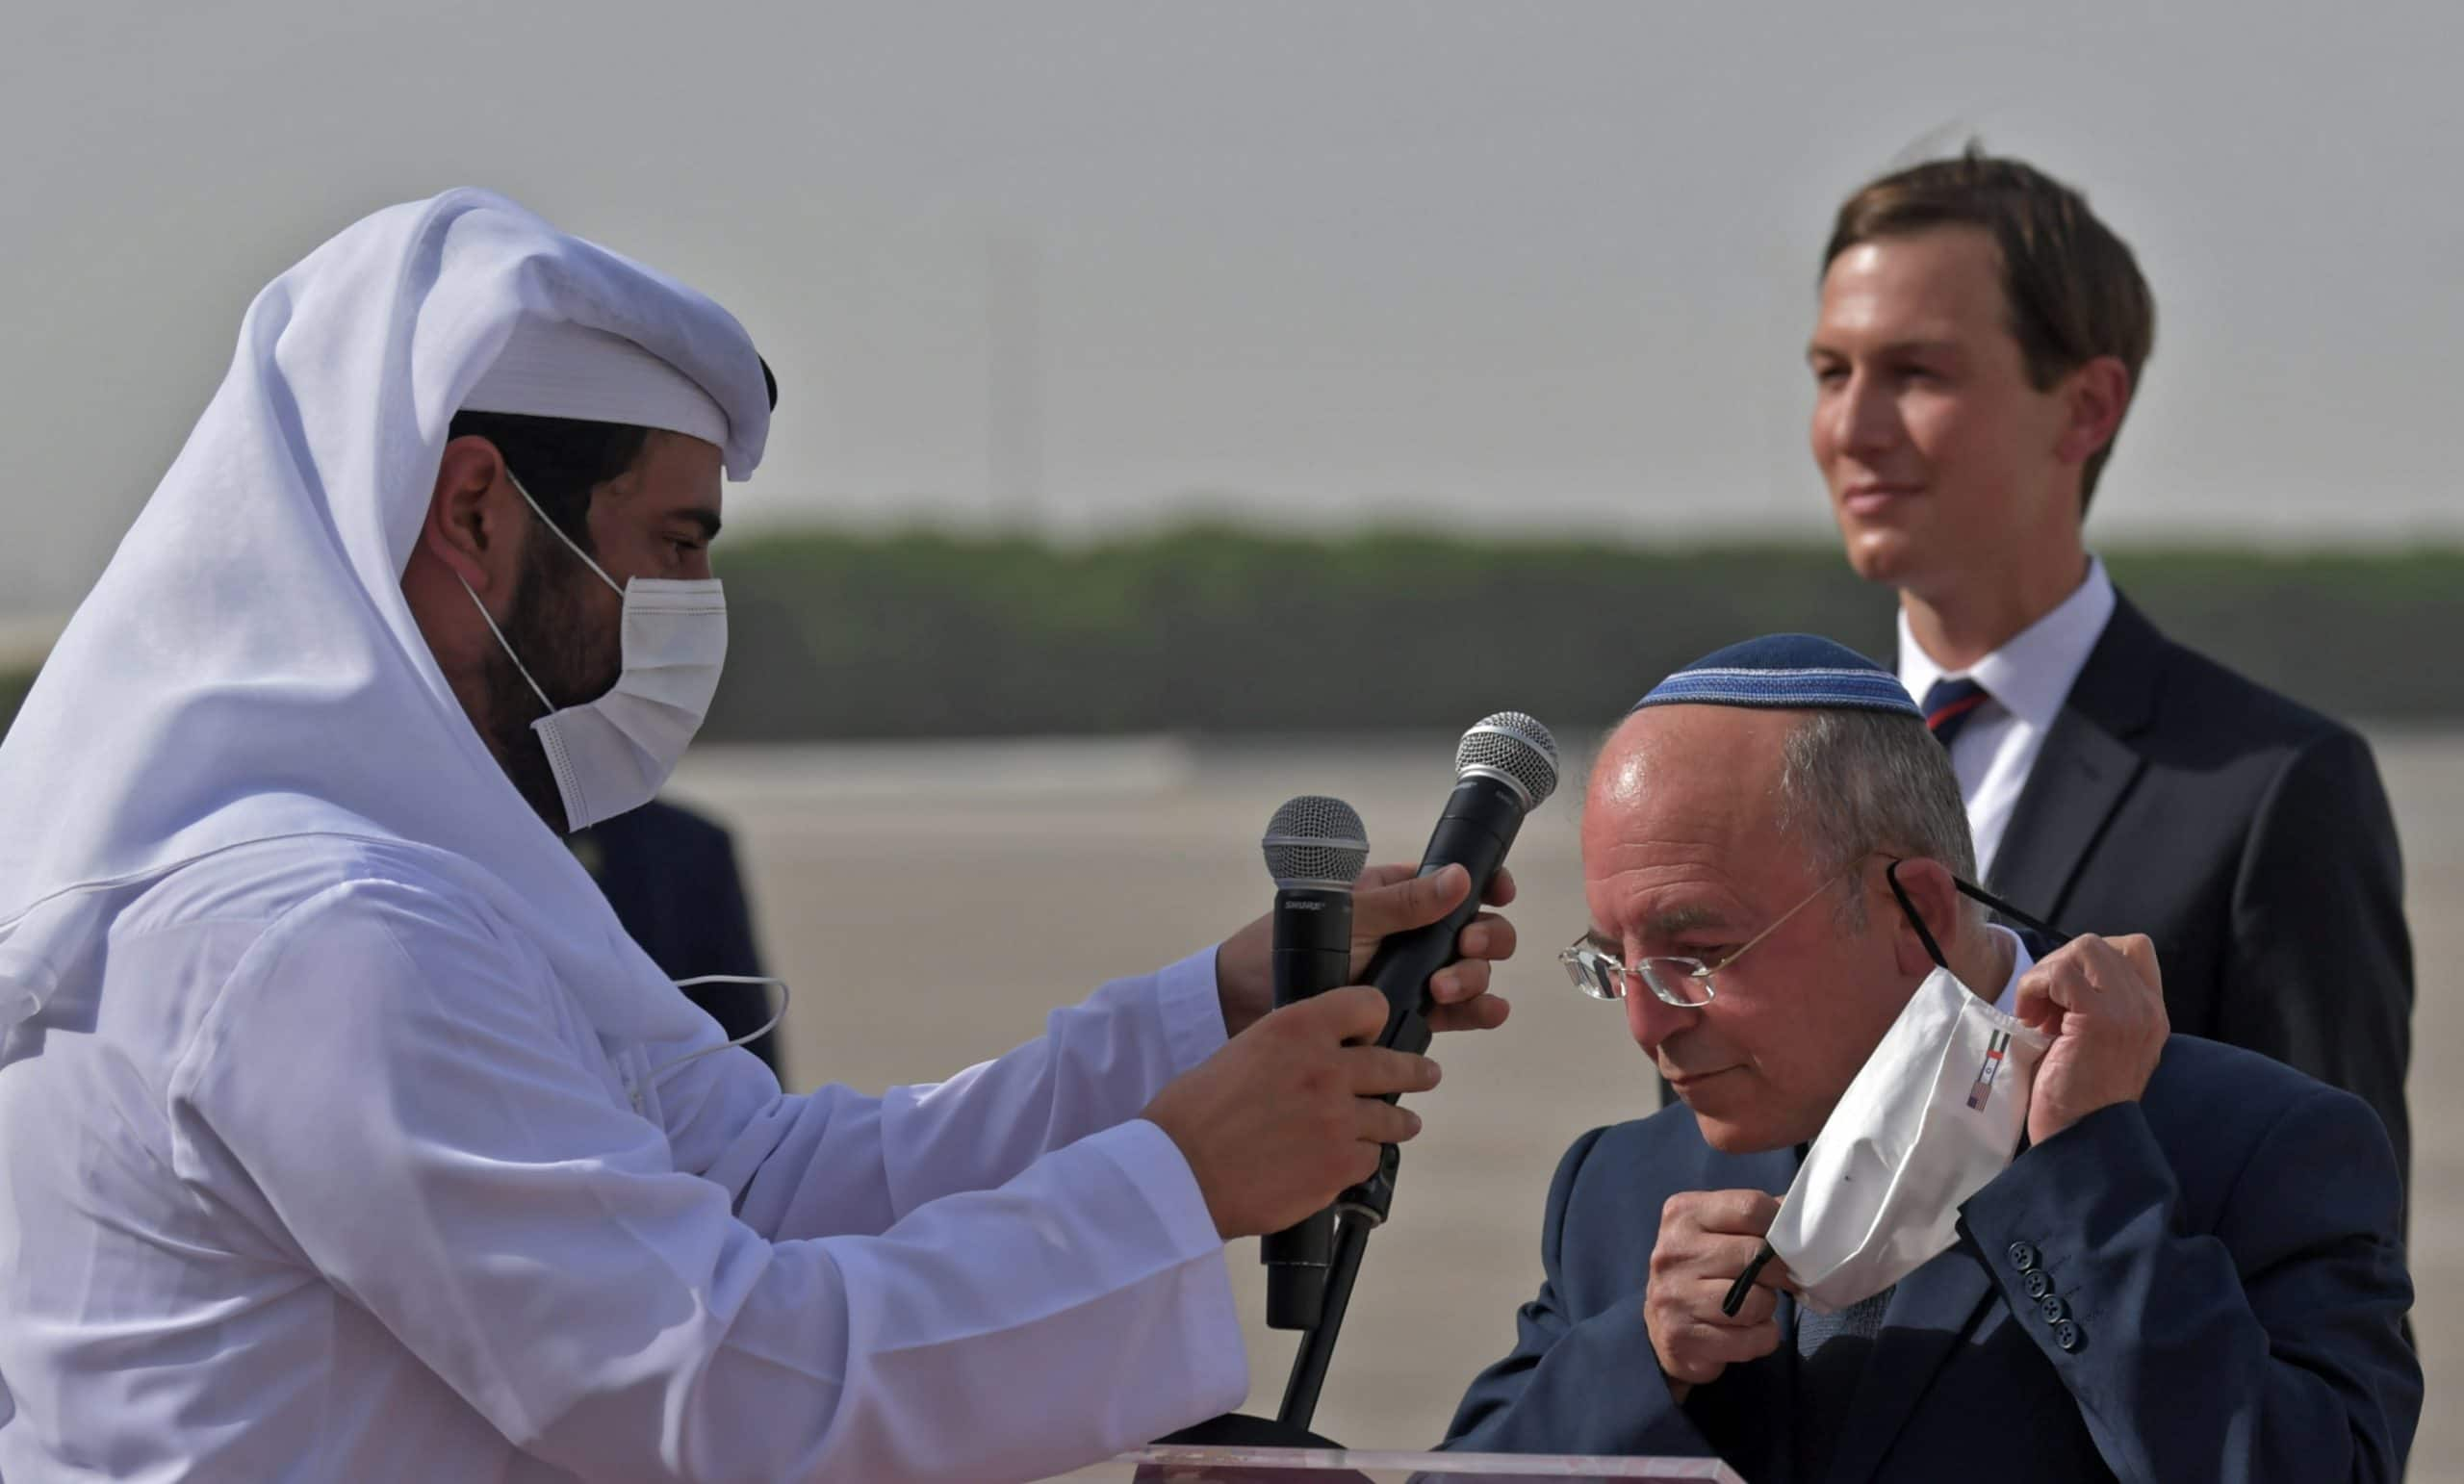 إسرائيل تعيد النظر في اتفاقية النفط مع الإمارات